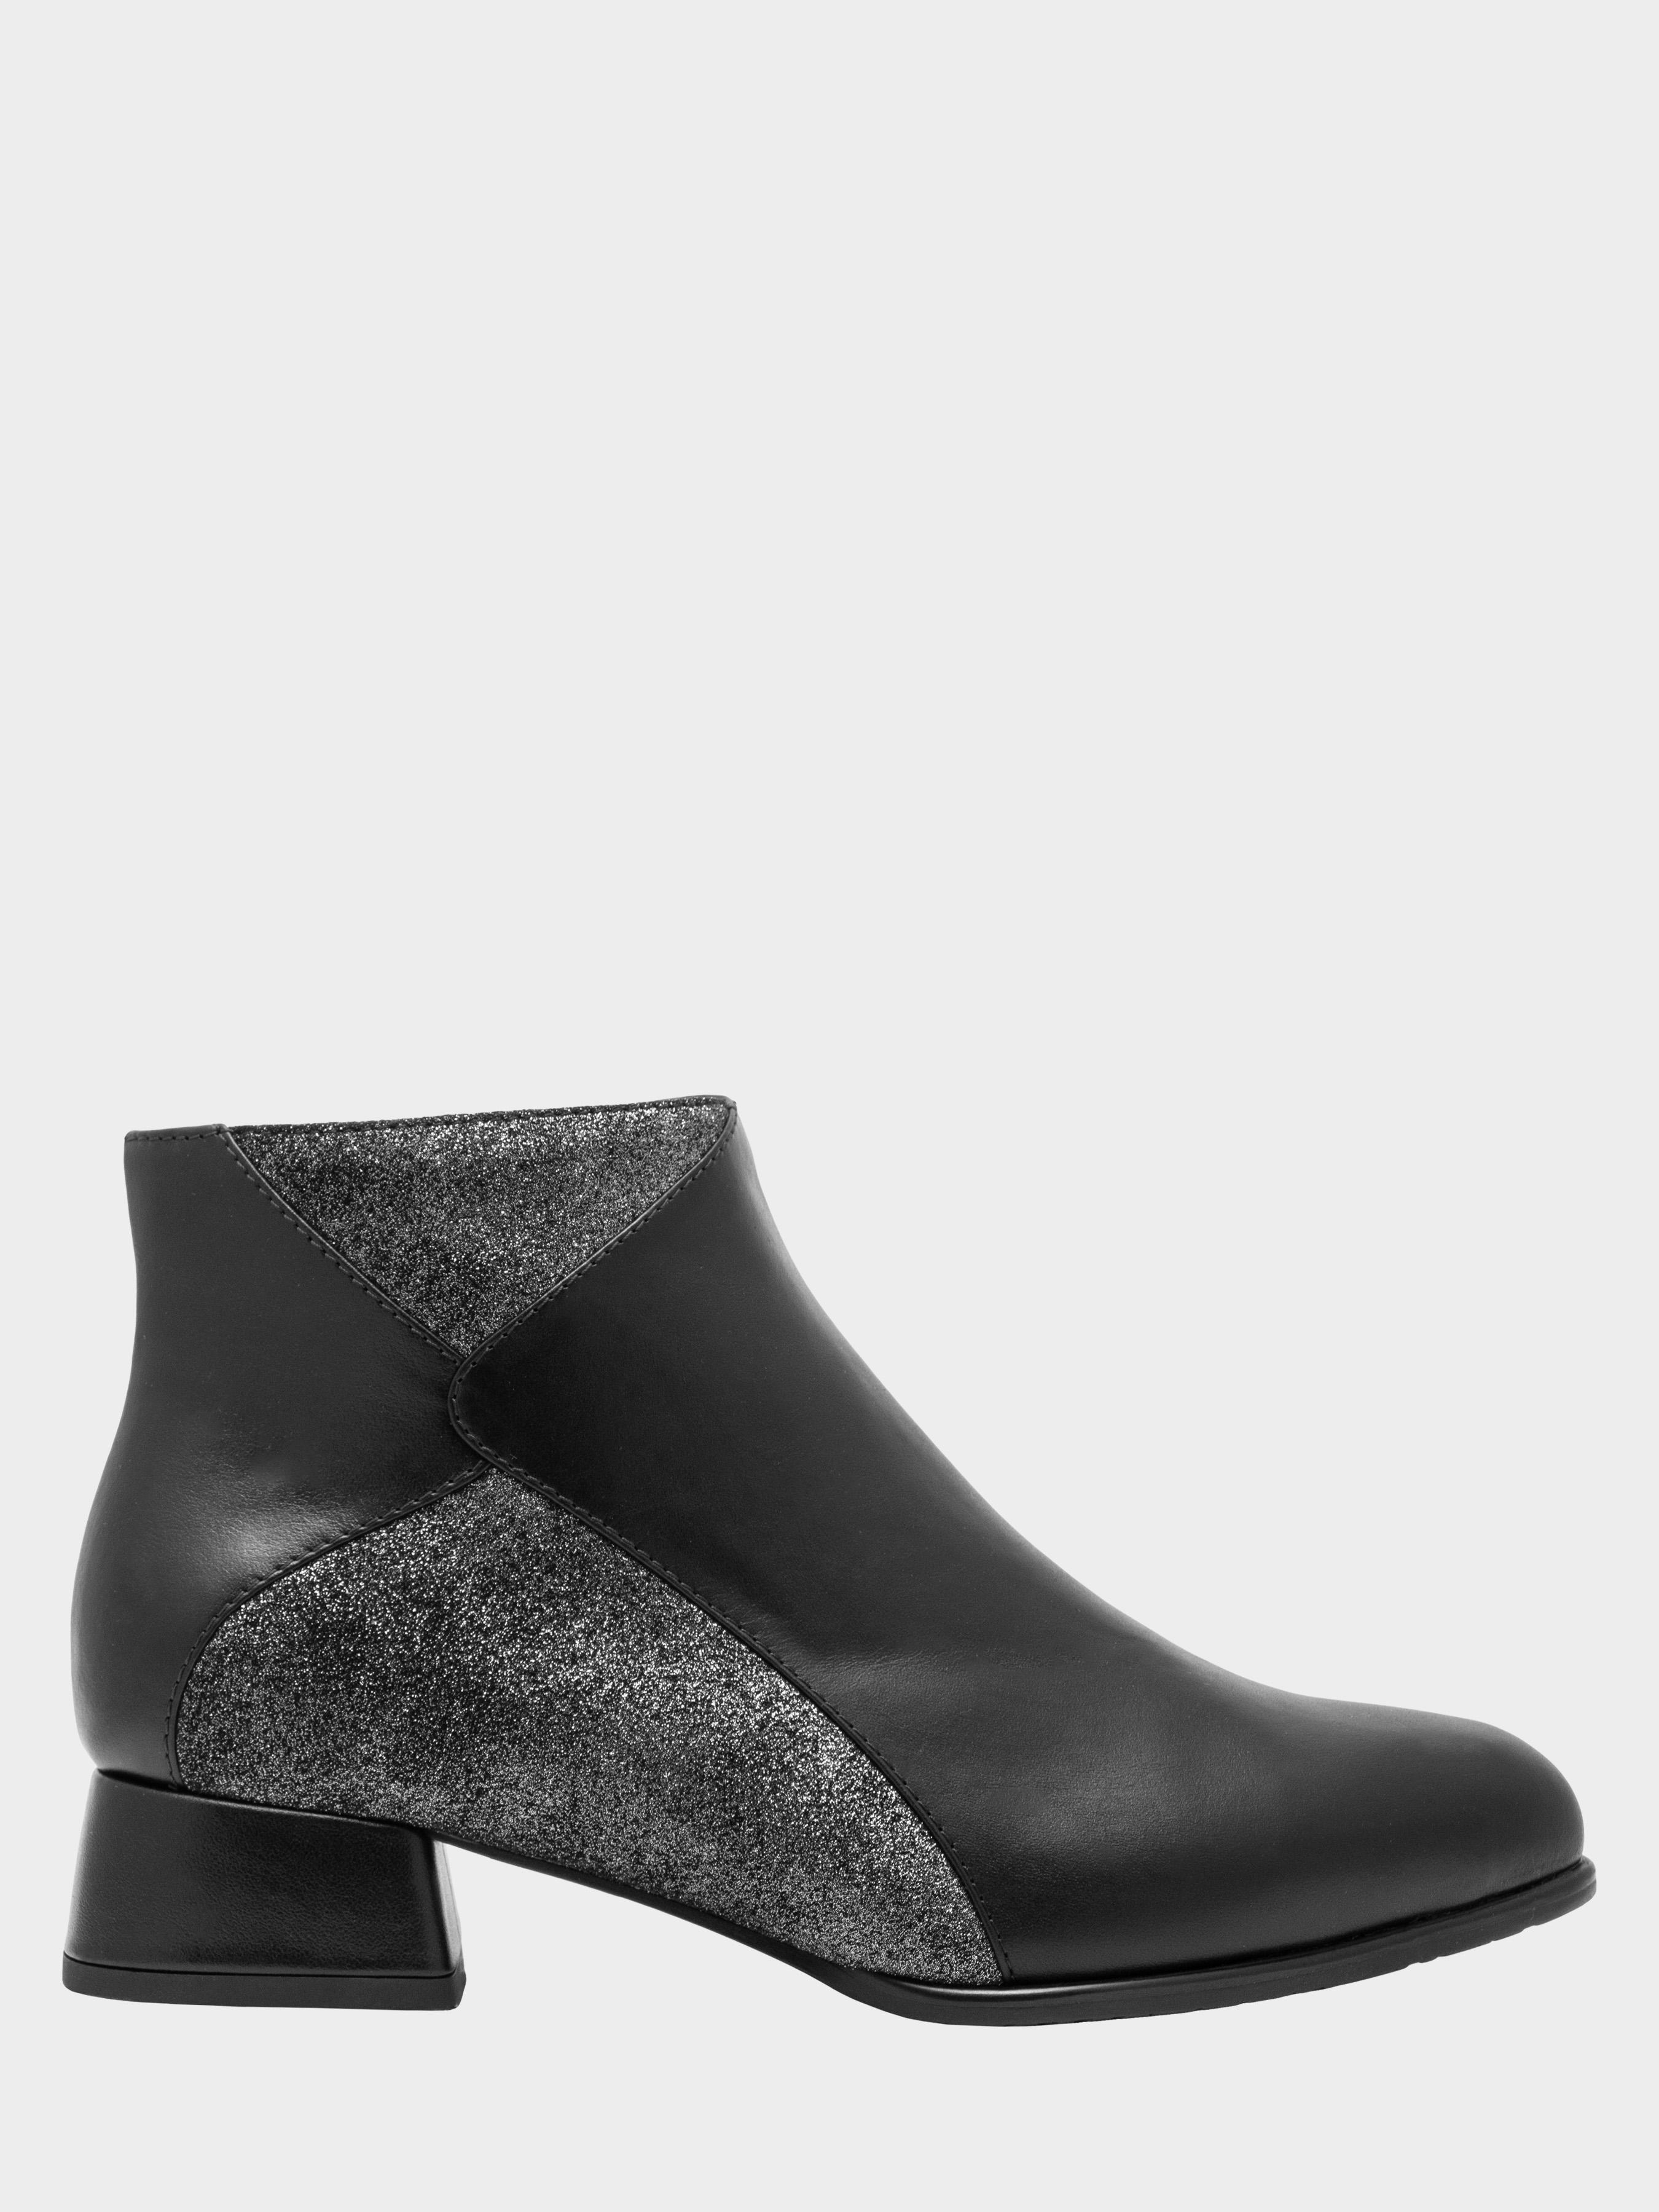 Ботинки для женщин Ботинки женские ENZO VERRATTI 18-10029-4ba брендовая обувь, 2017